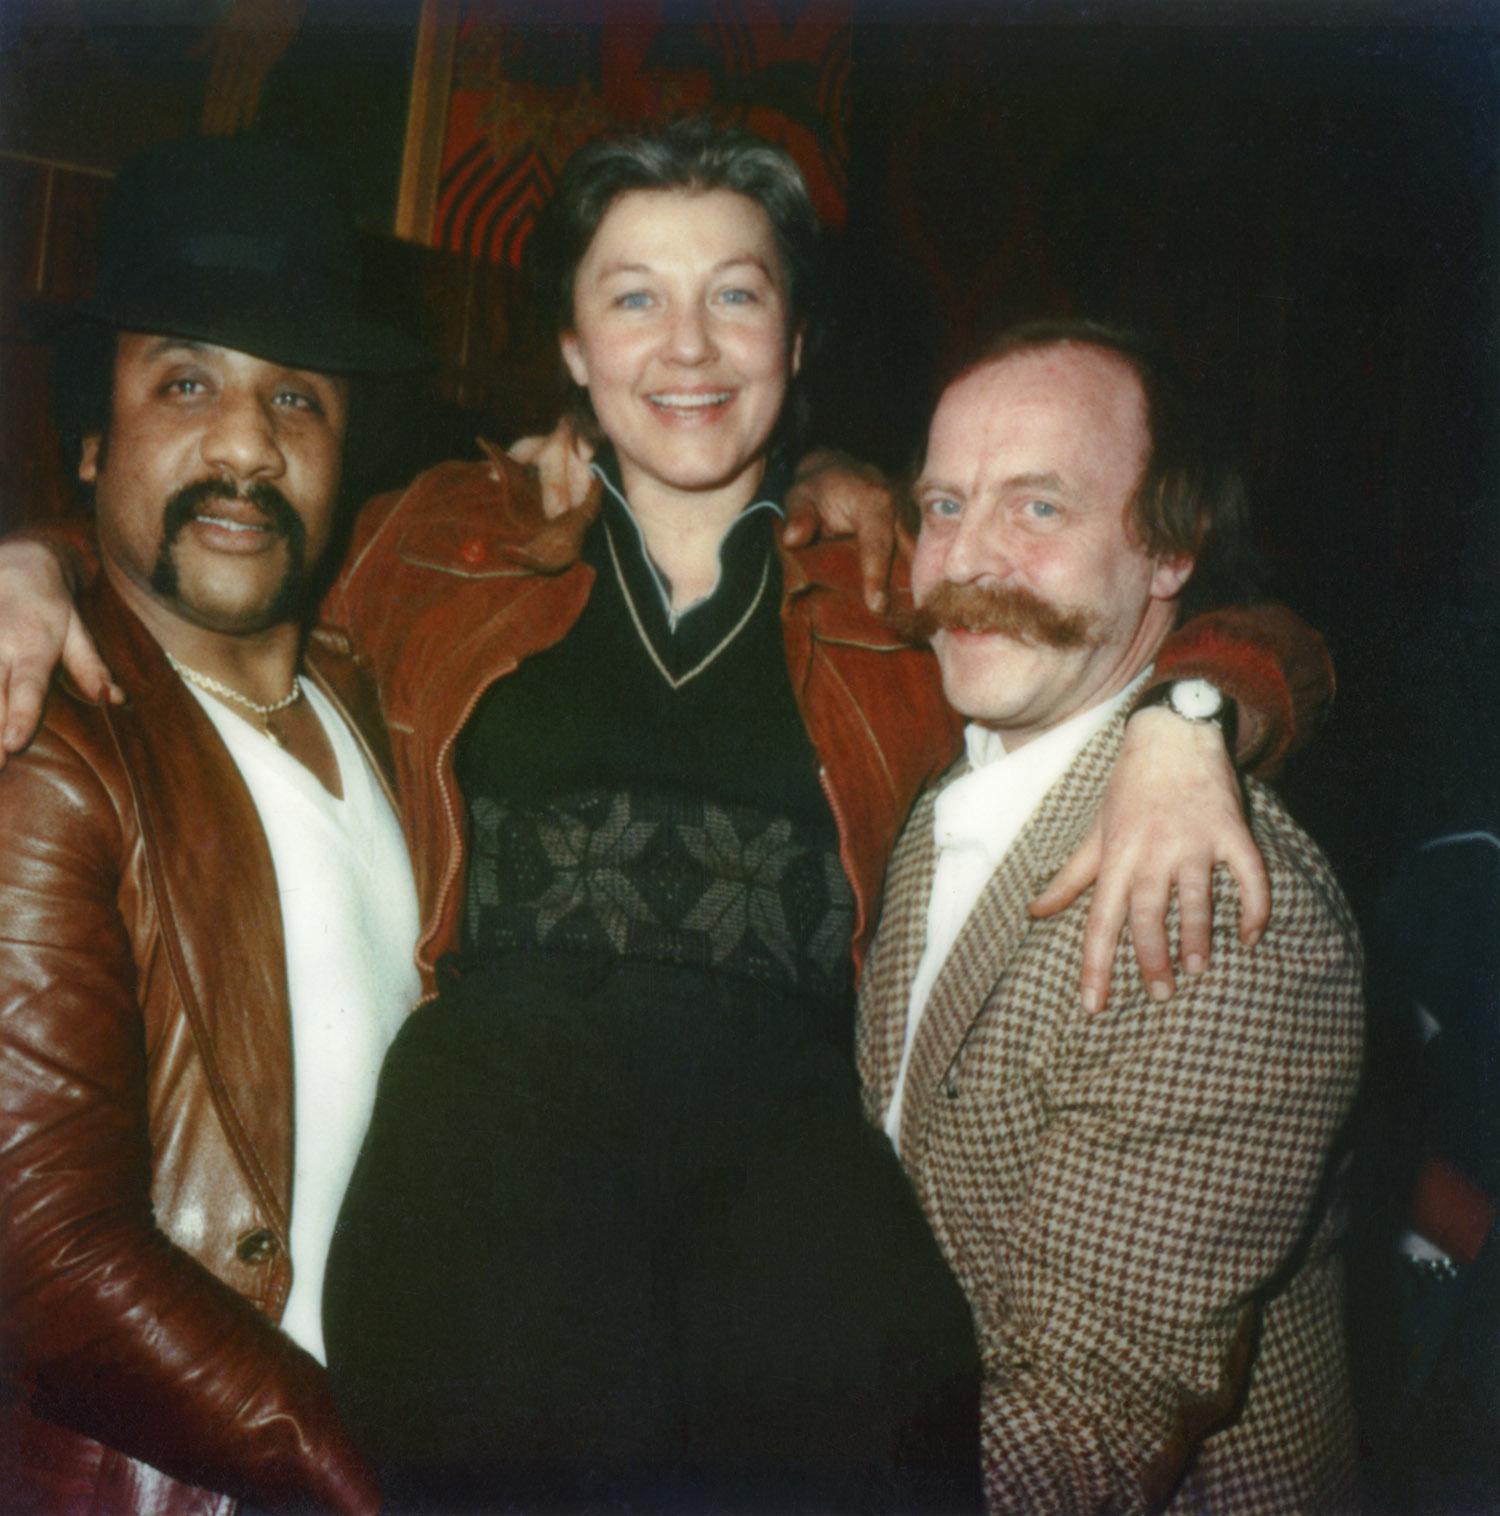 Ali, Bettie and Henk